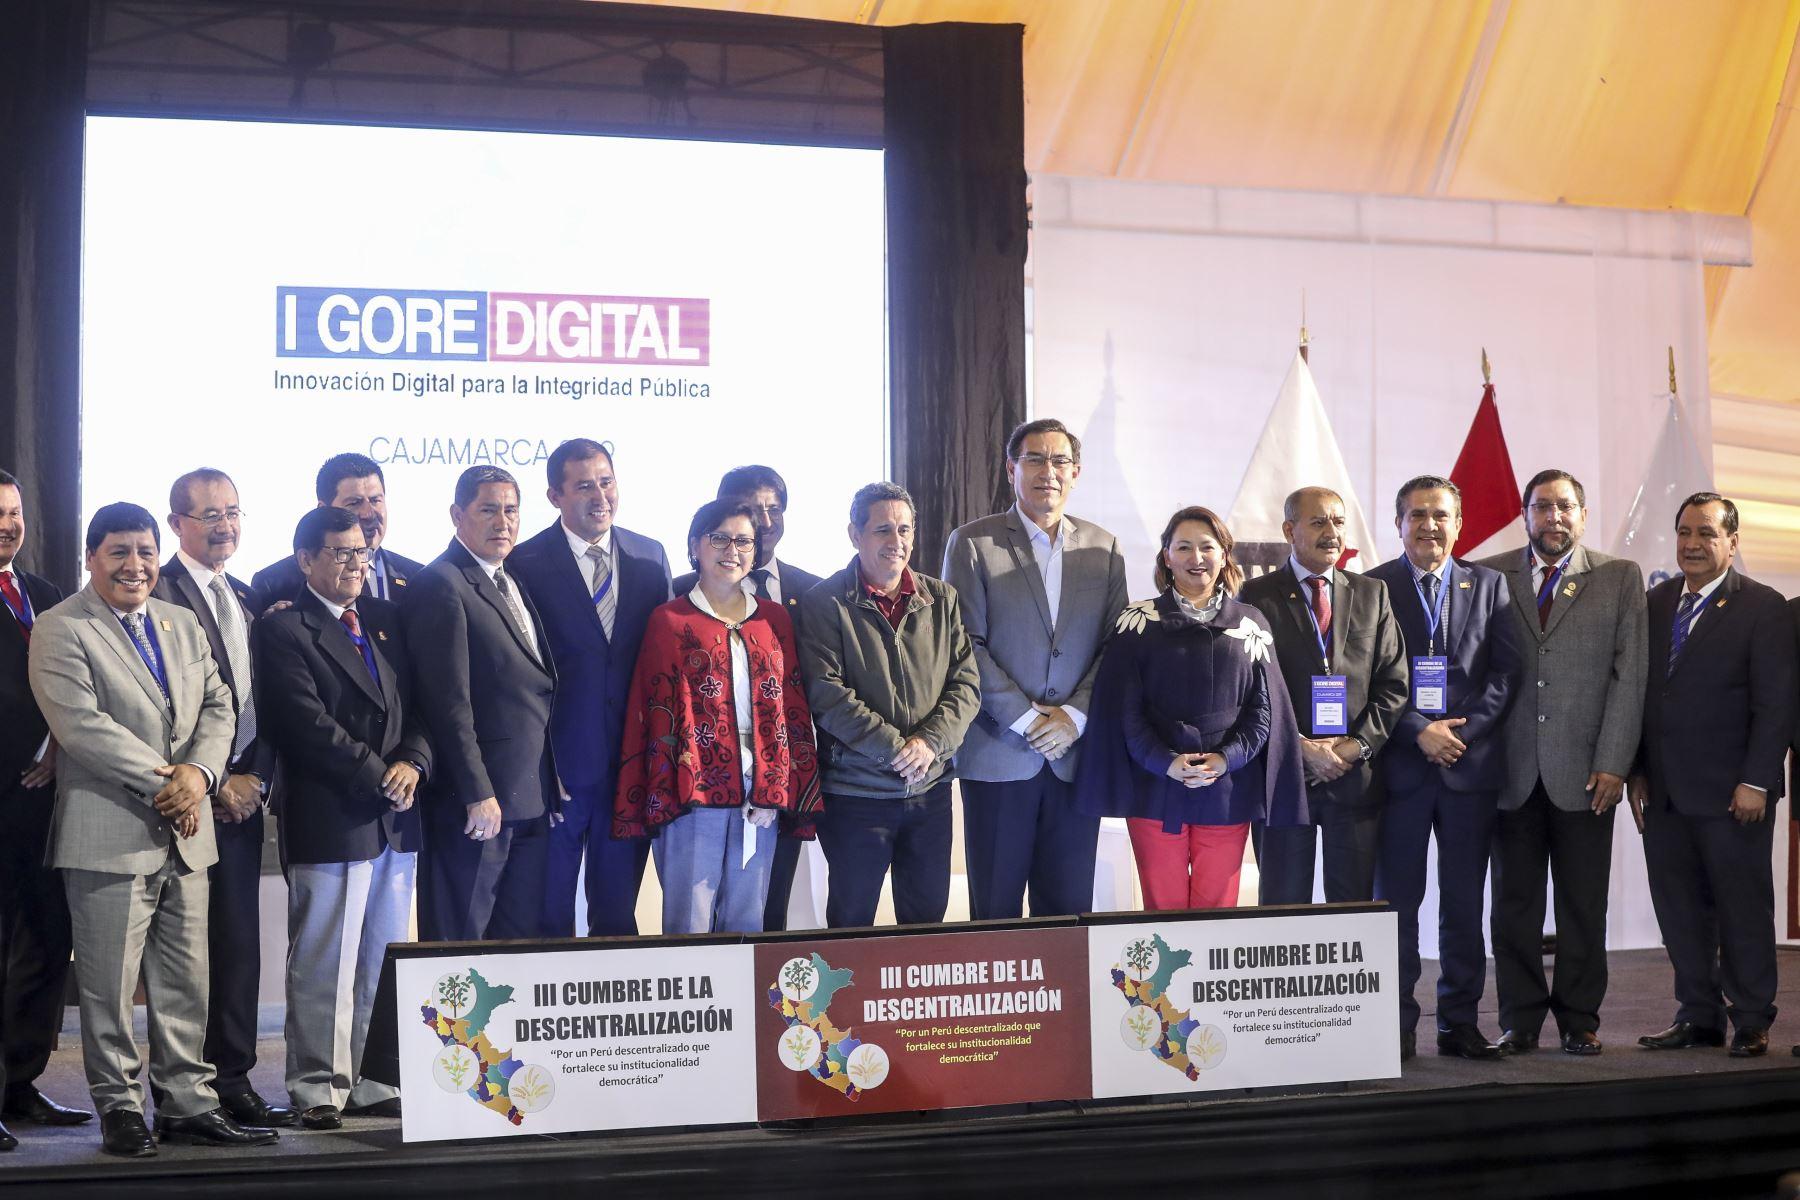 Presidente de la República, Martín Vizcarra, asiste a la clausura del I GORE Digital para la Integridad. Foto: ANDINA/ Prensa Presidencia